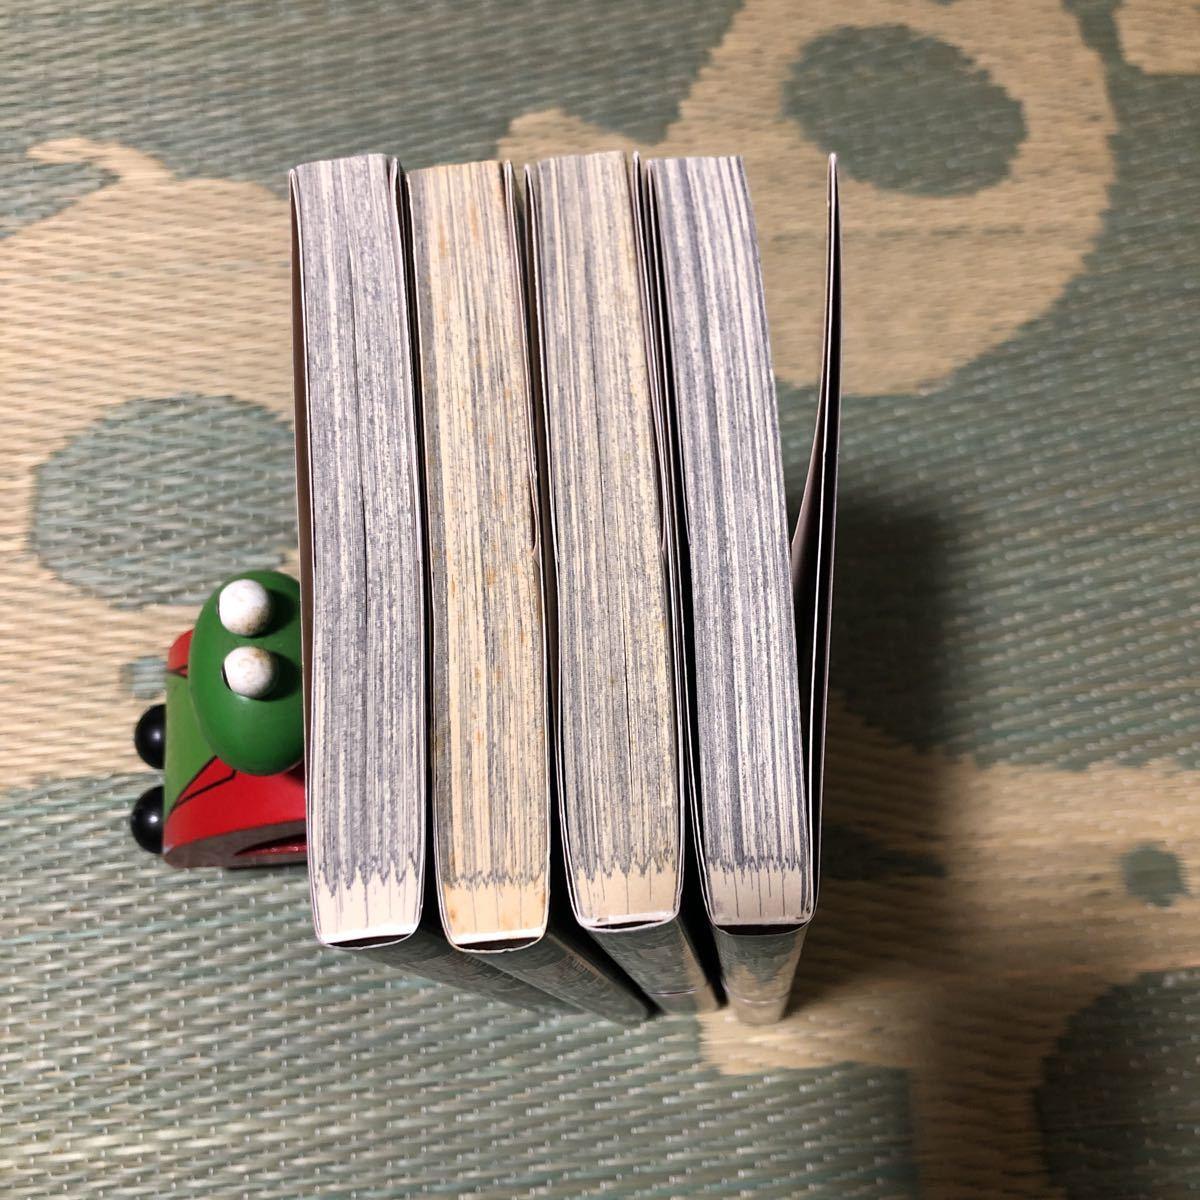 進撃の巨人 進撃の巨人 12巻~15巻 限定版 初版 本のみ 4冊セット 中古 4